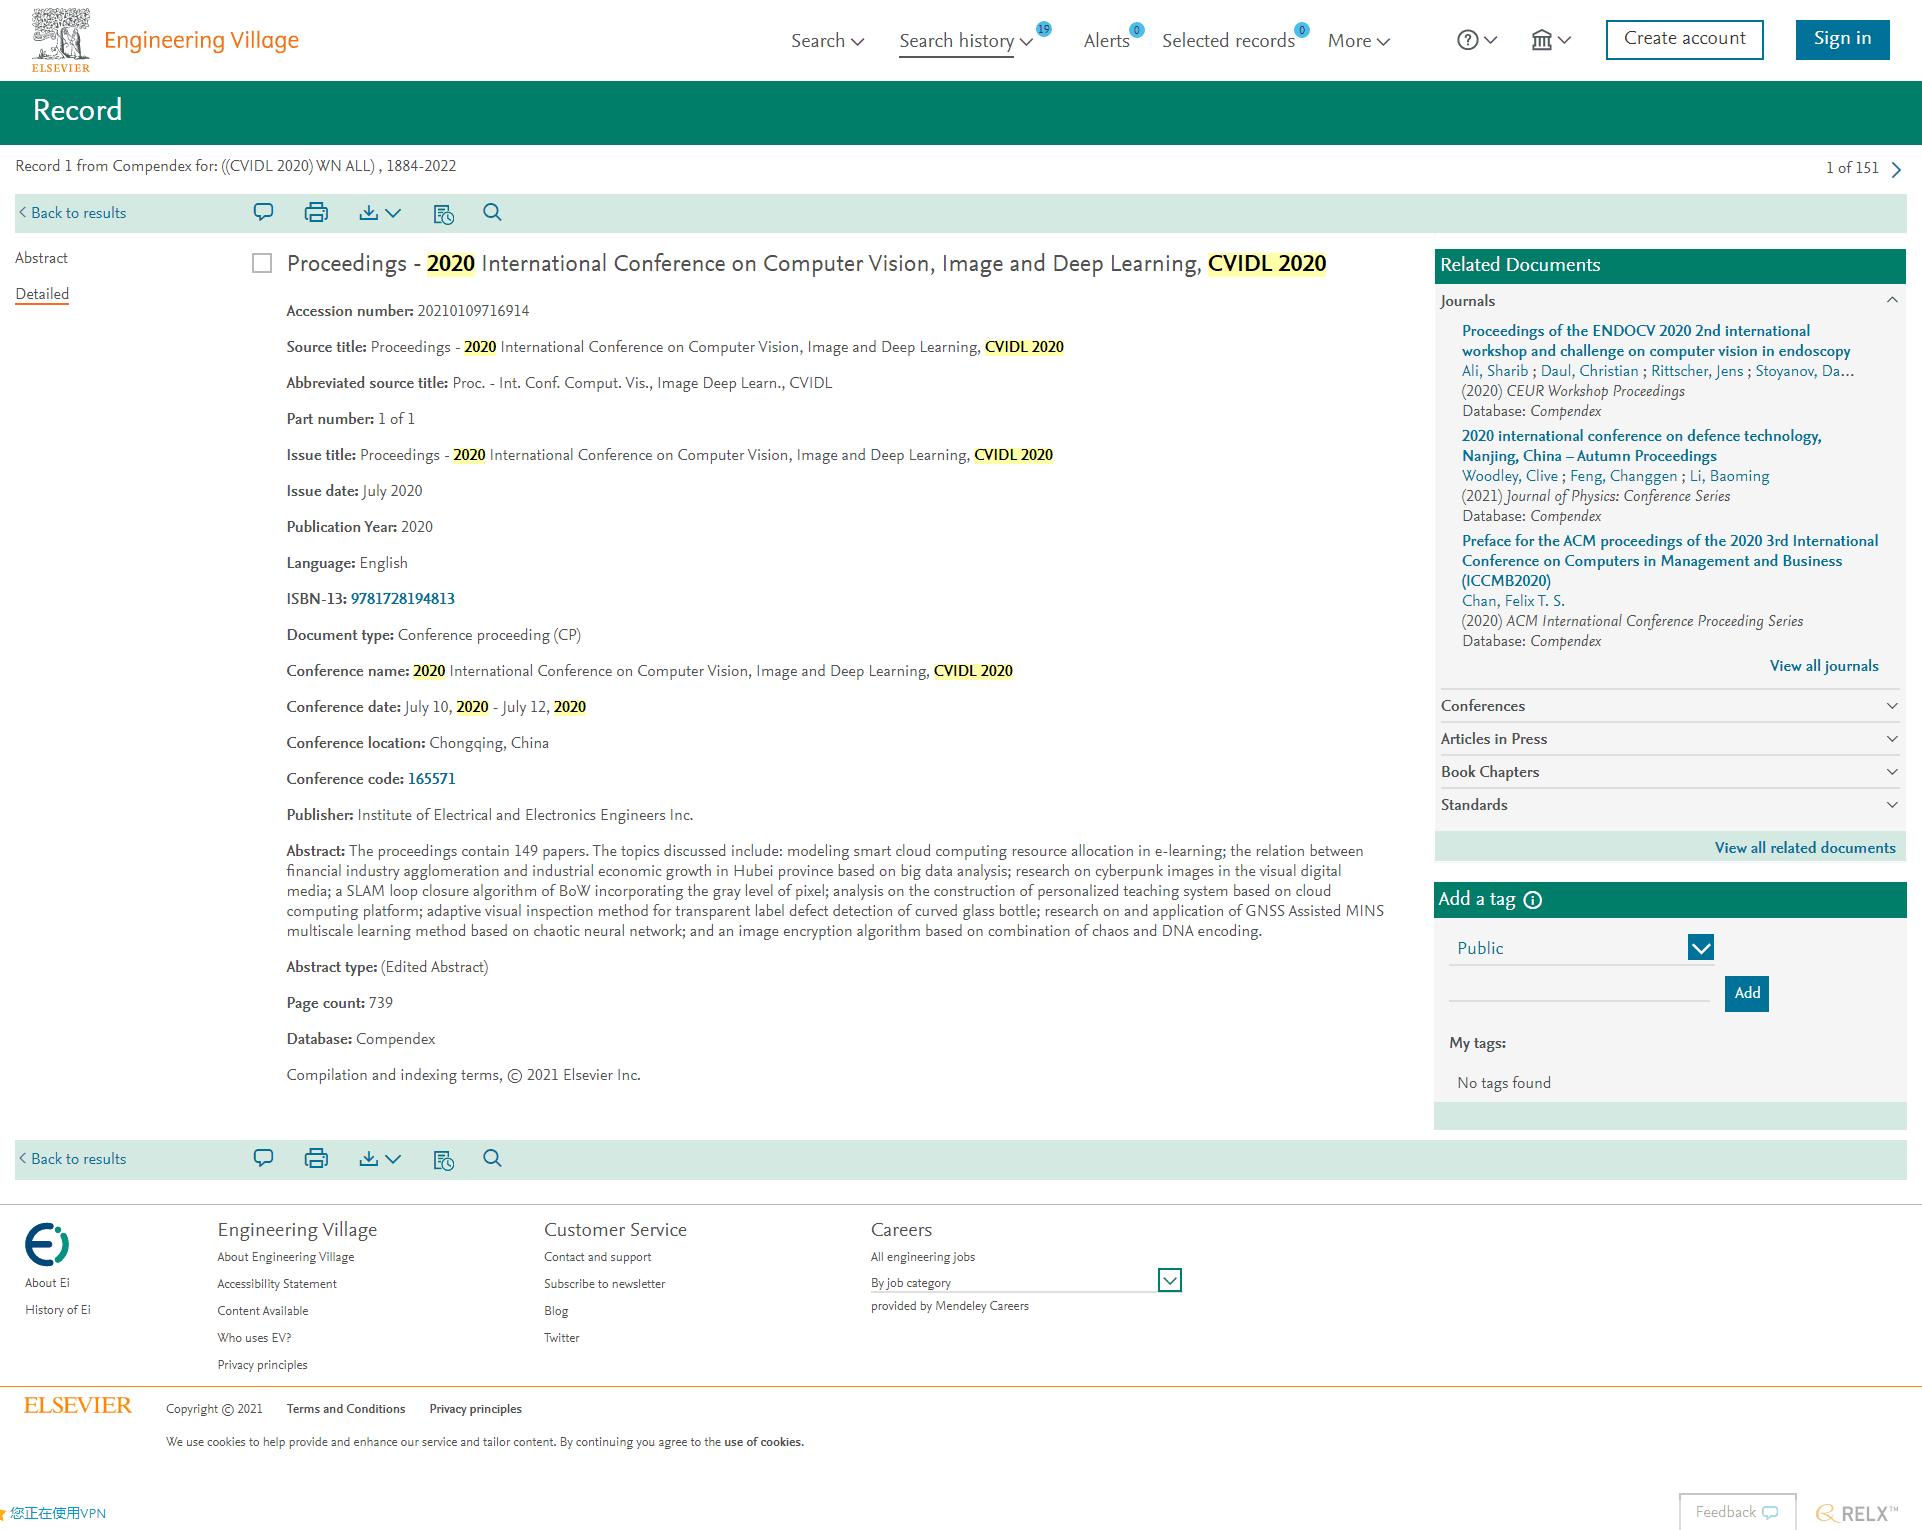 CVIDL2020检索记录.png